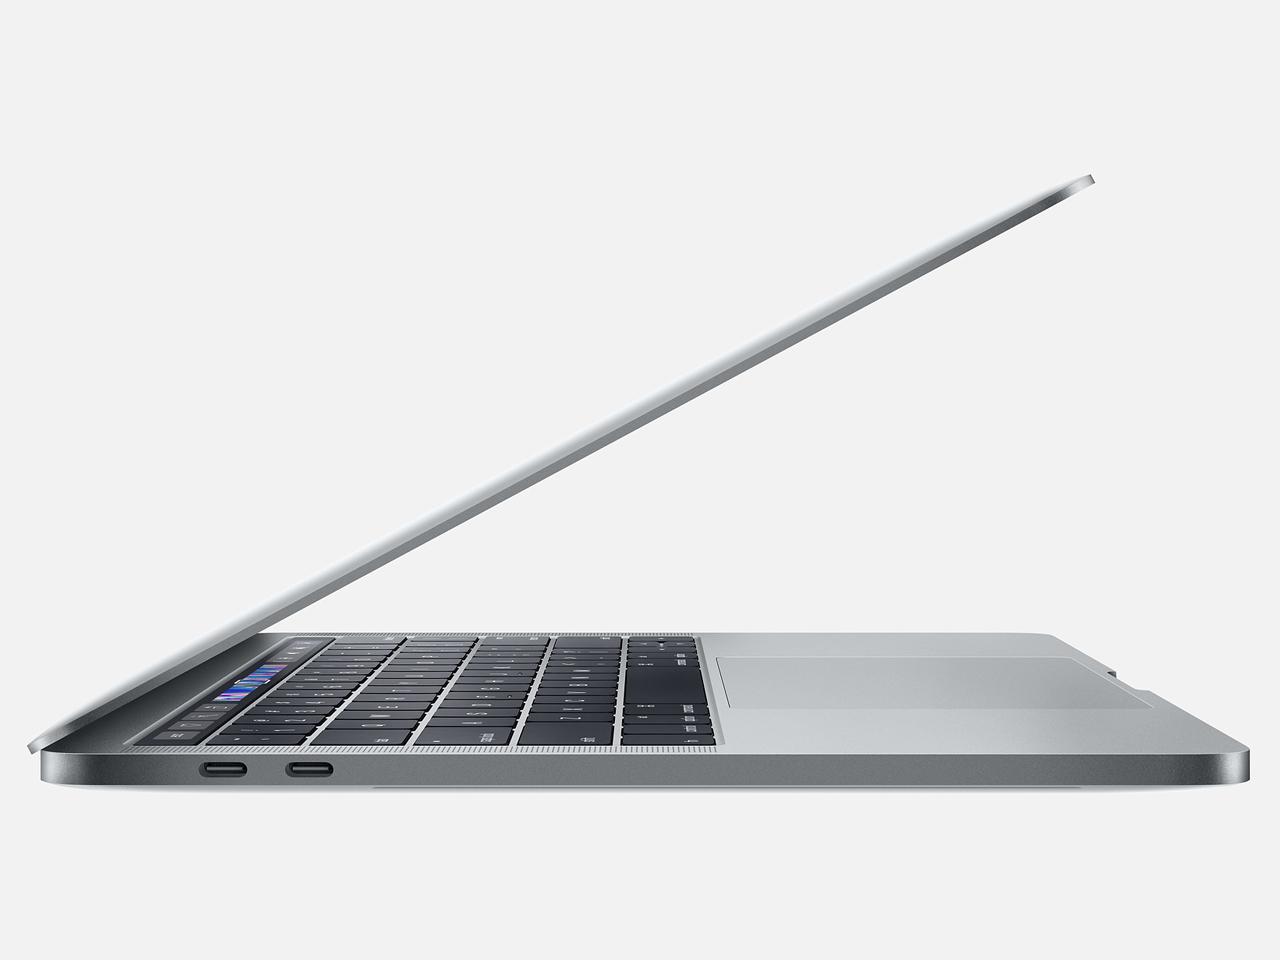 『本体 左側面2』 MacBook Pro Retinaディスプレイ 1400/13.3 MUHP2J/A [スペースグレイ] の製品画像